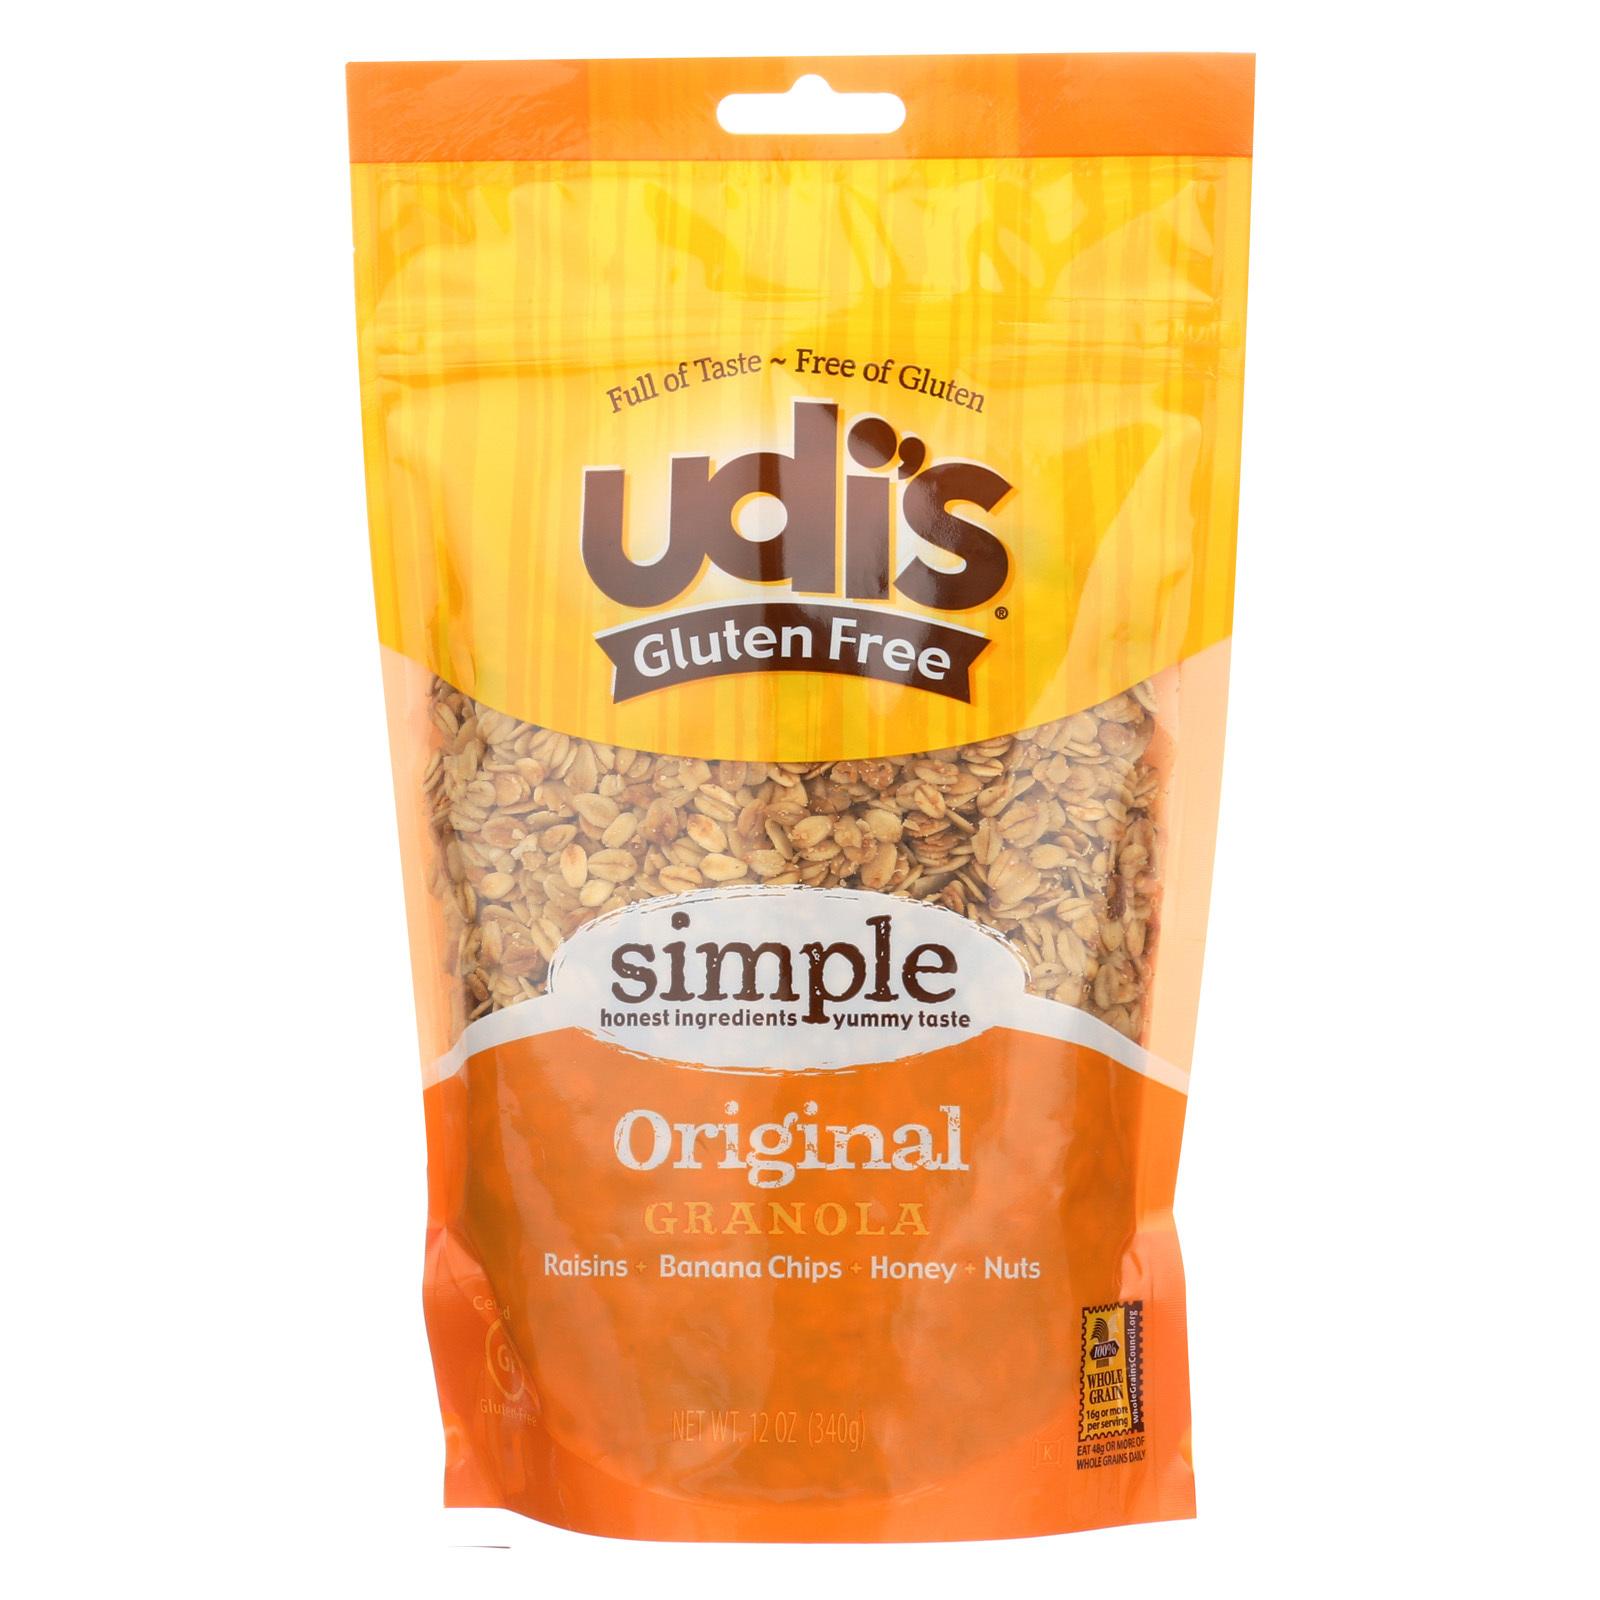 Udi's Granola - Gluten Free Original - Case of 6 - 12 oz.